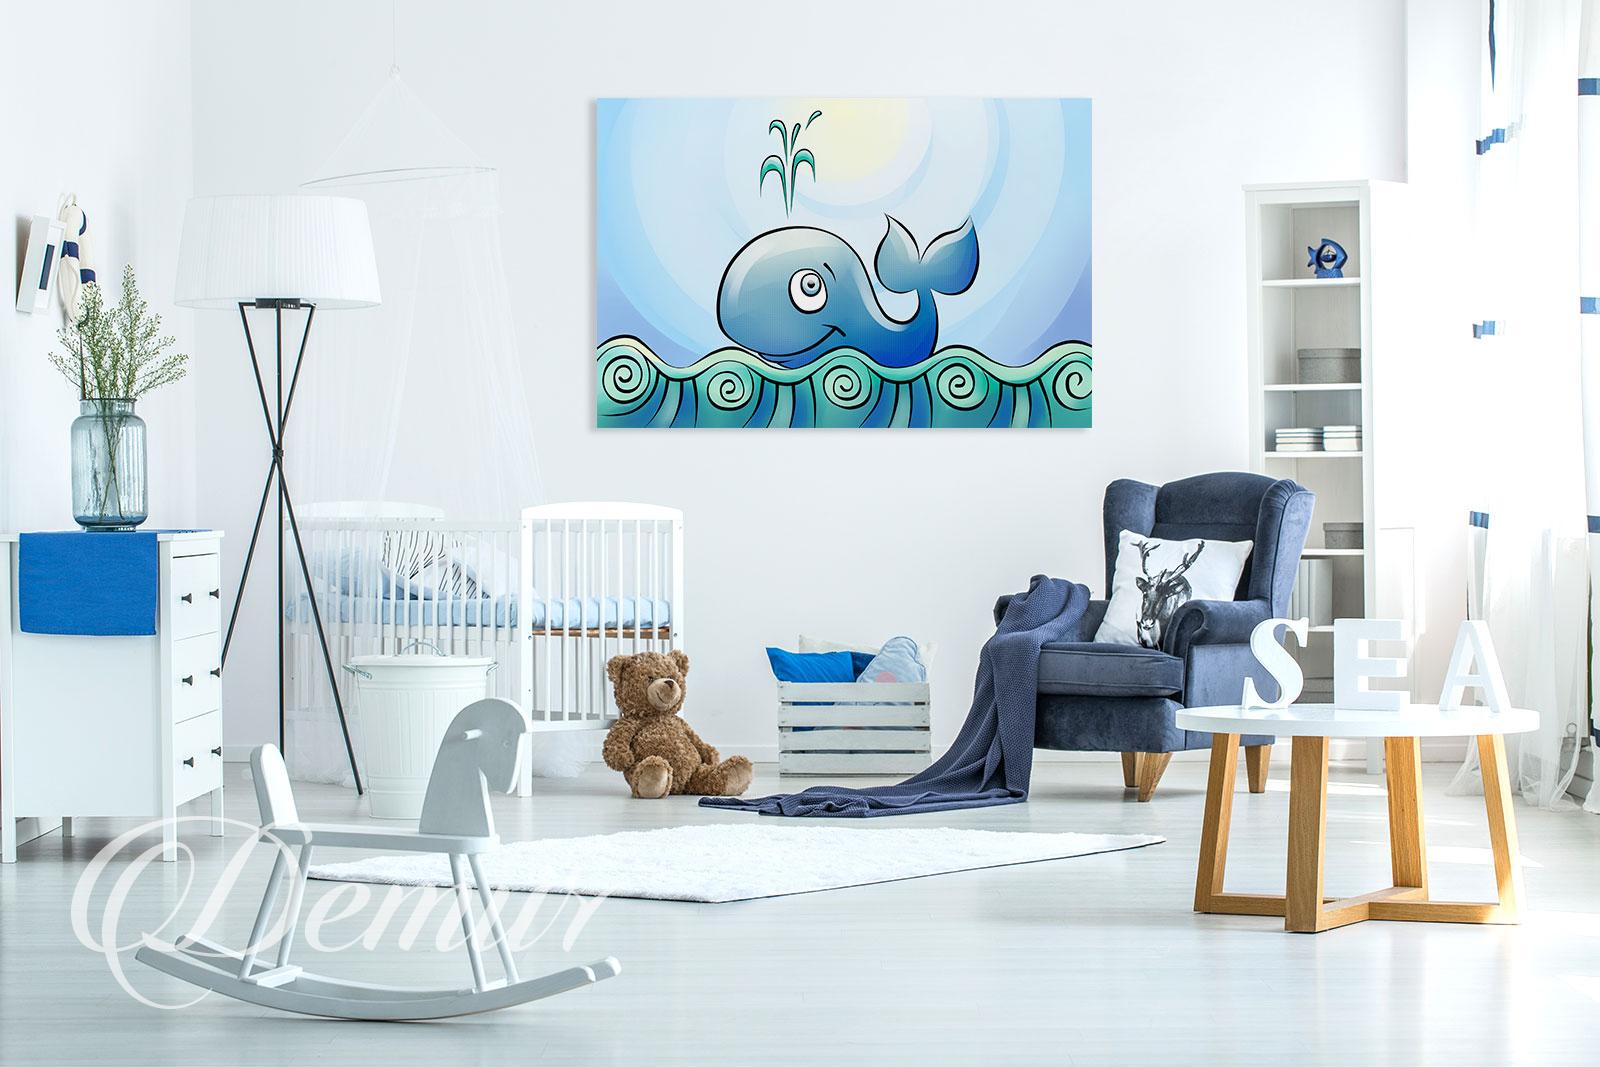 Obraz wesoły wieloryb - Pomysł na ścianę w pokoju dziecięcym - Demur